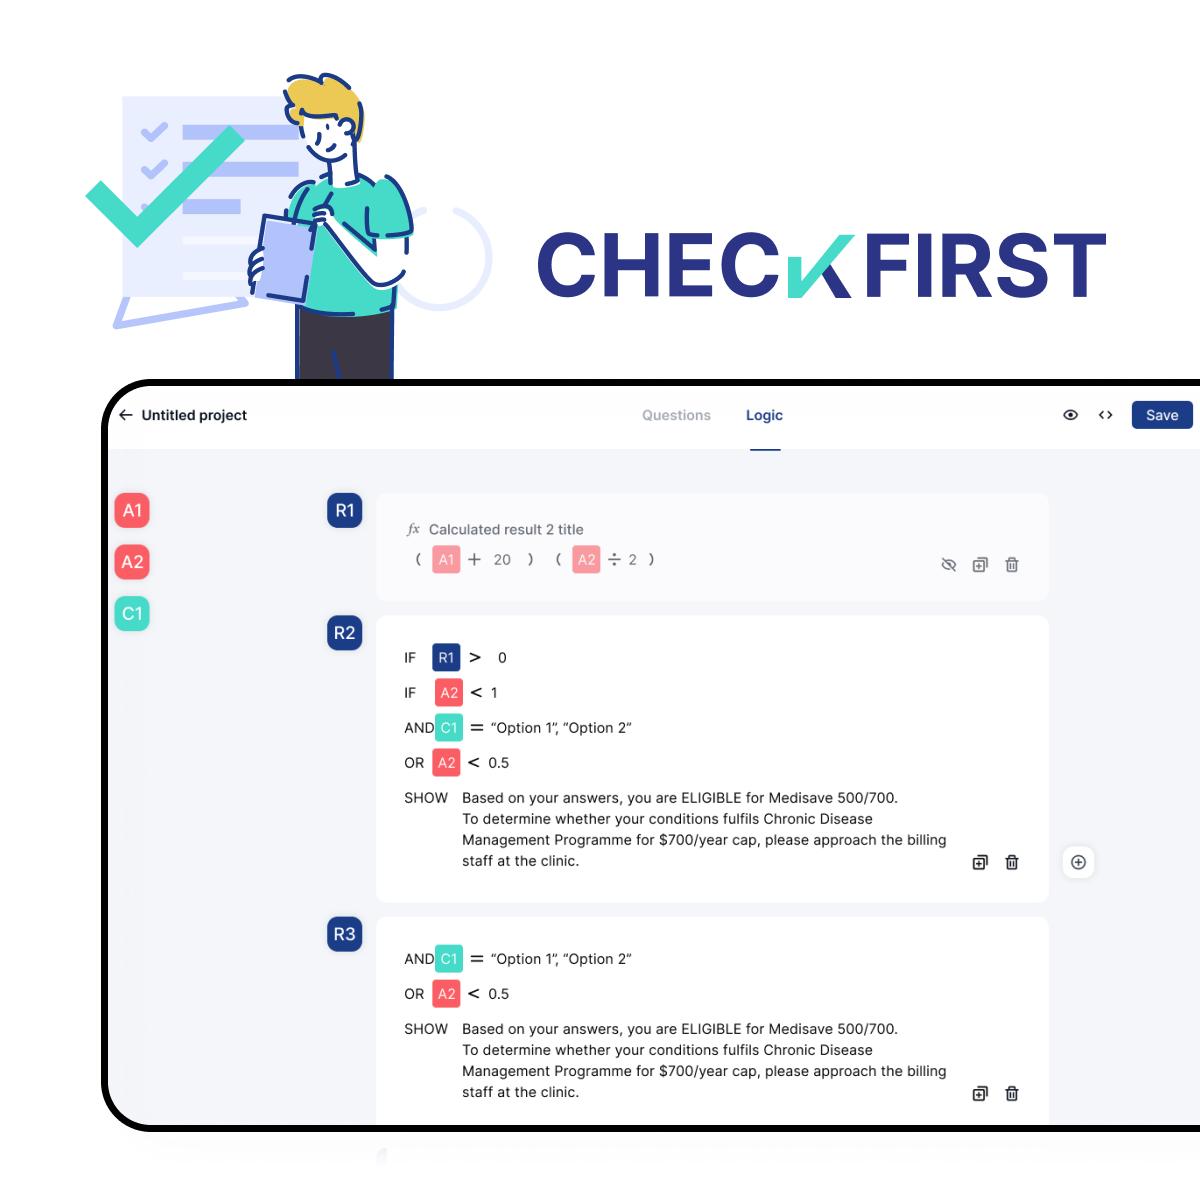 Checkfirst product demo image